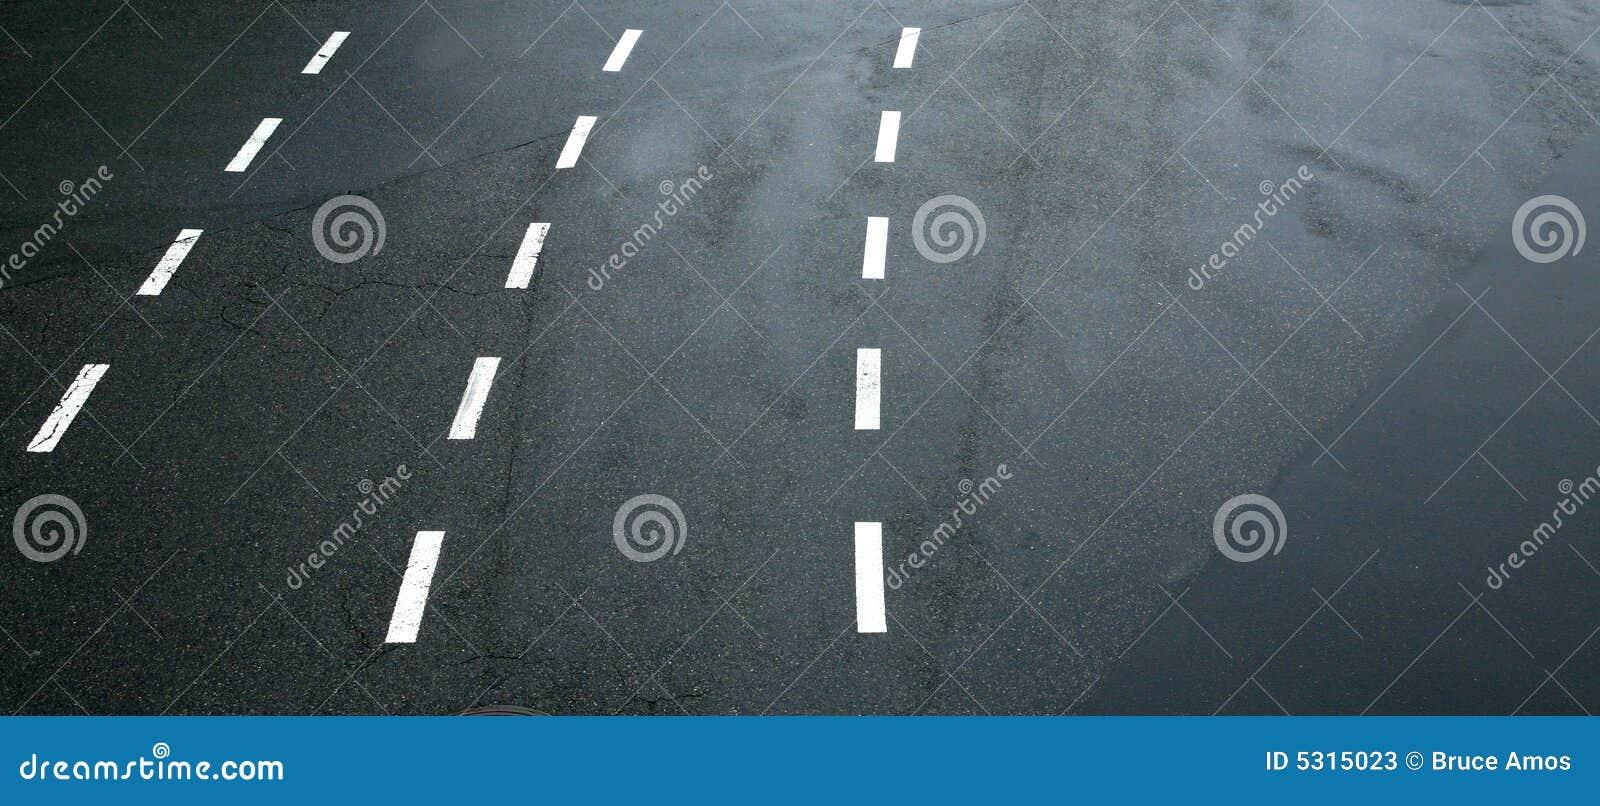 Download Righe Di Traffico Su Asfalto Immagine Stock - Immagine di bande, pavimentazione: 5315023